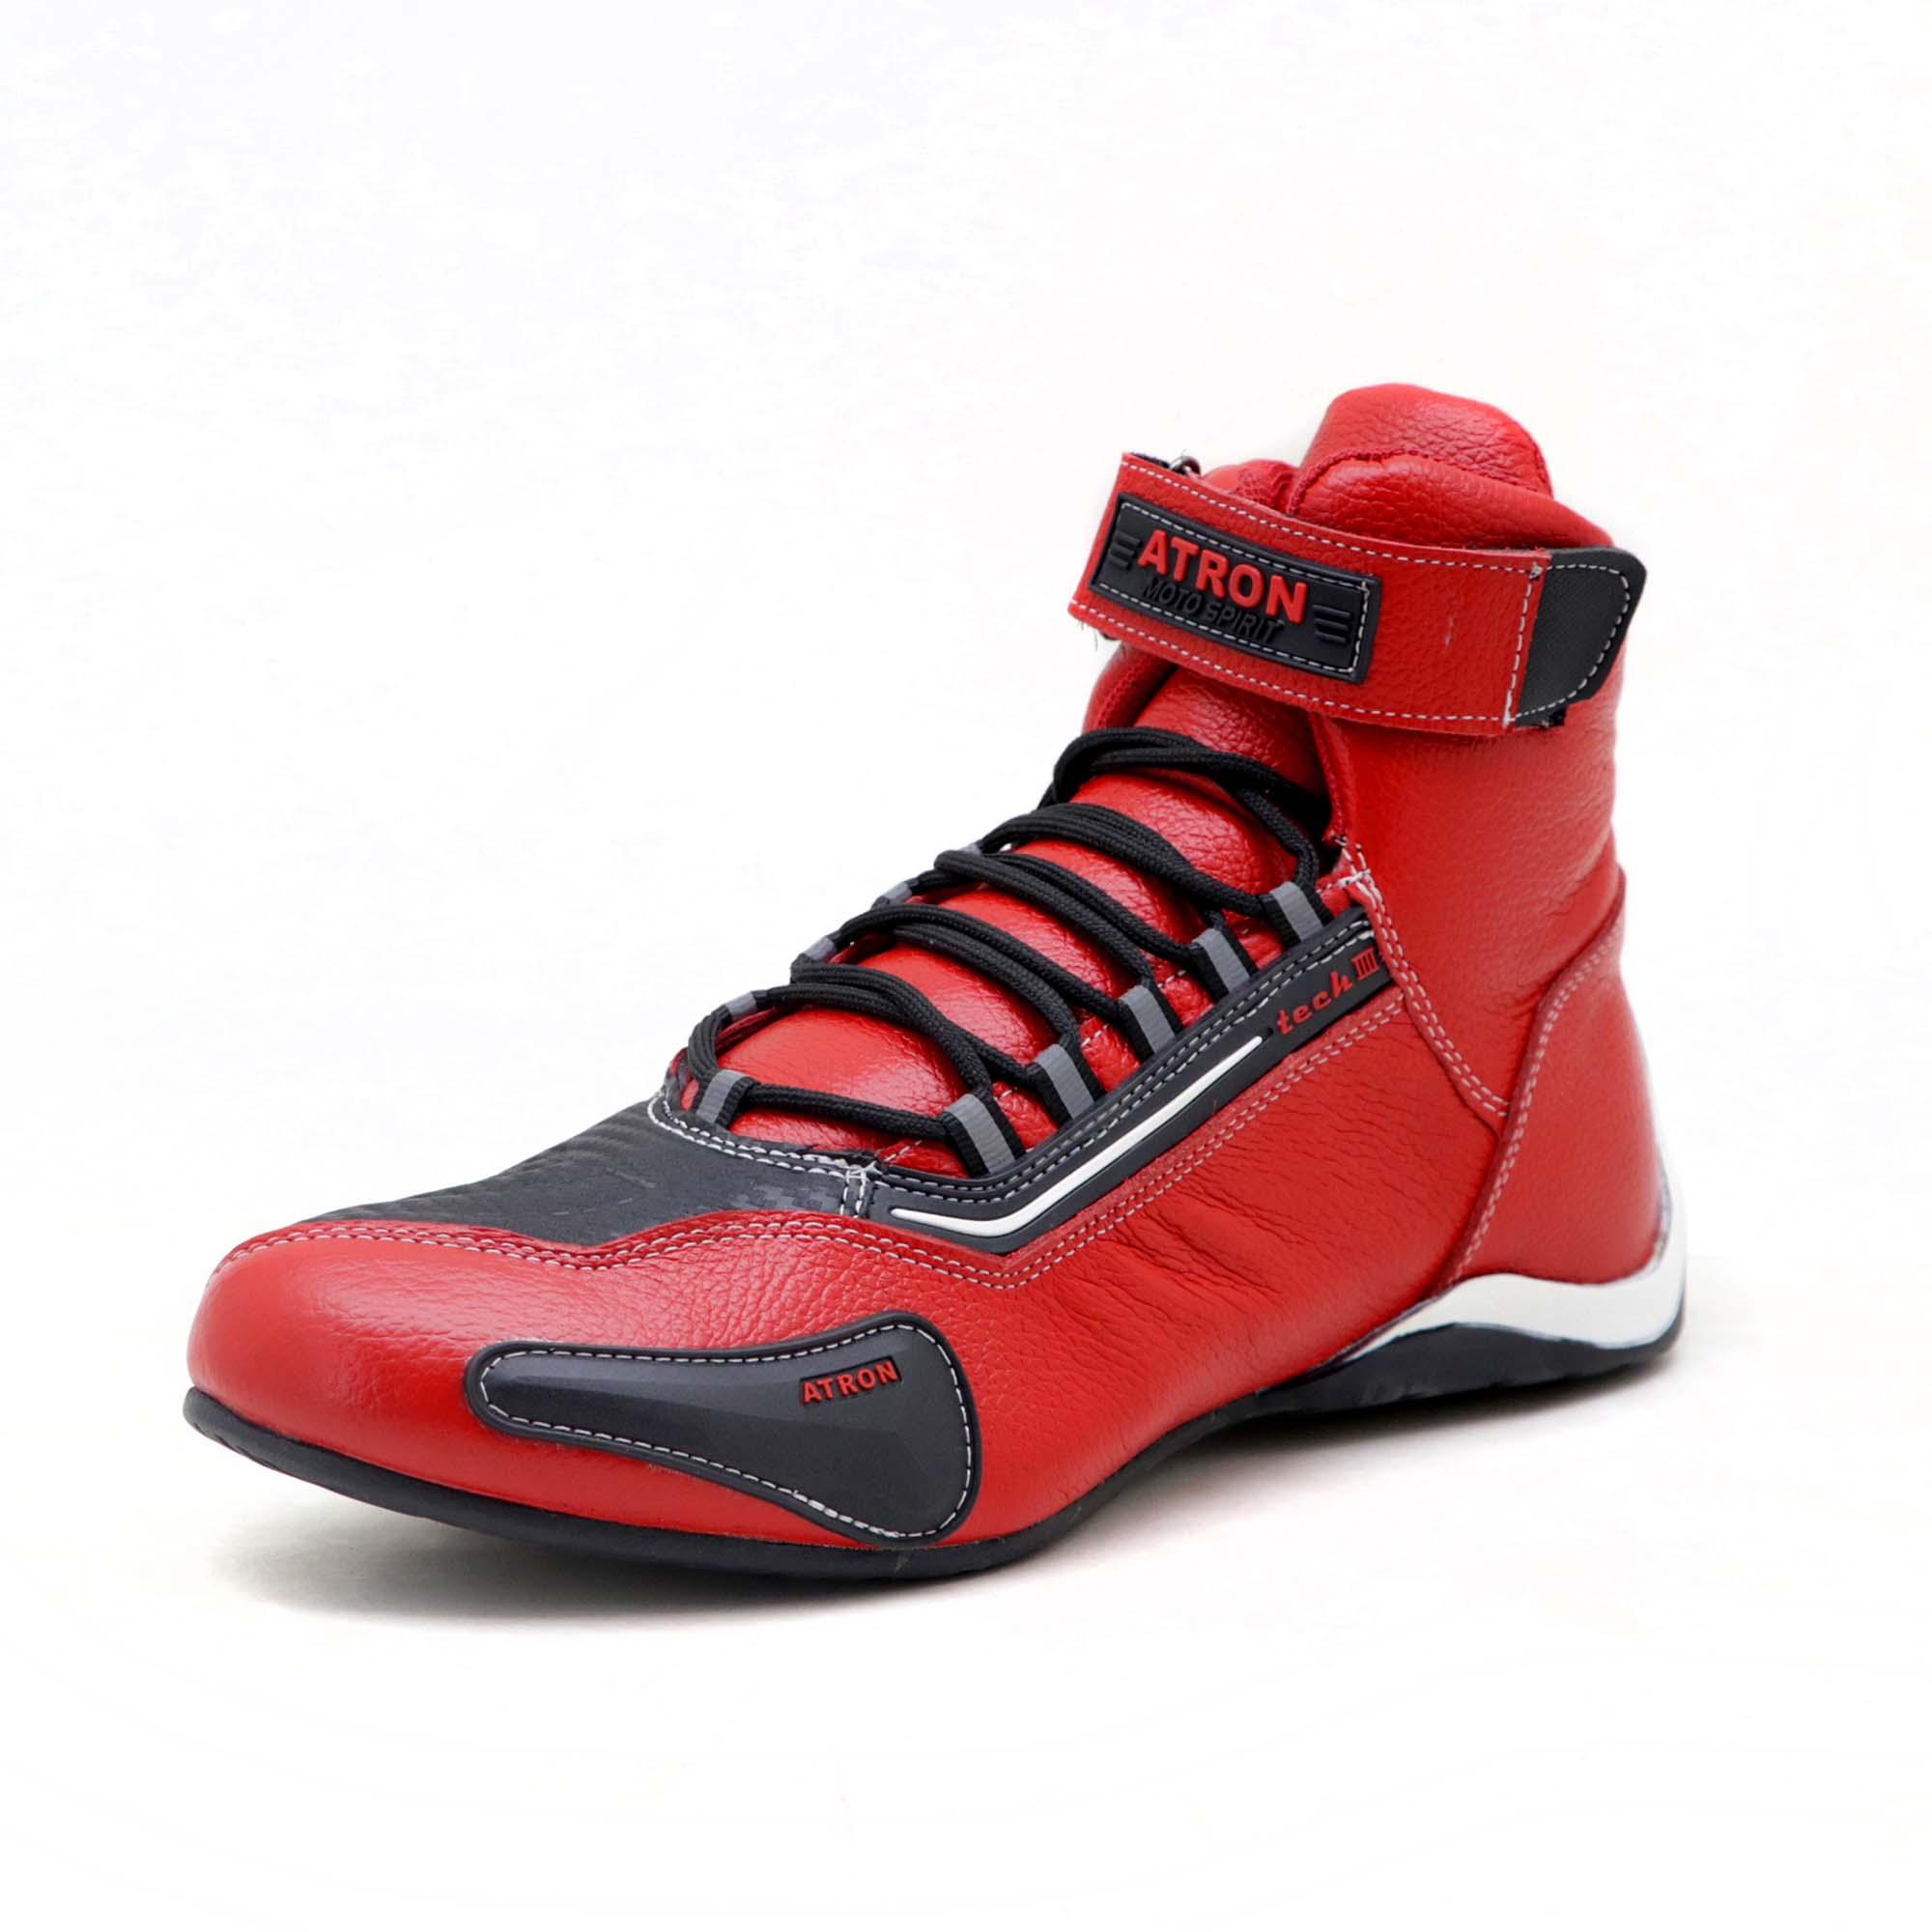 KIT CHINELO Tênis motociclista cano alto em couro legítimo nas cores vermelho e preto 311